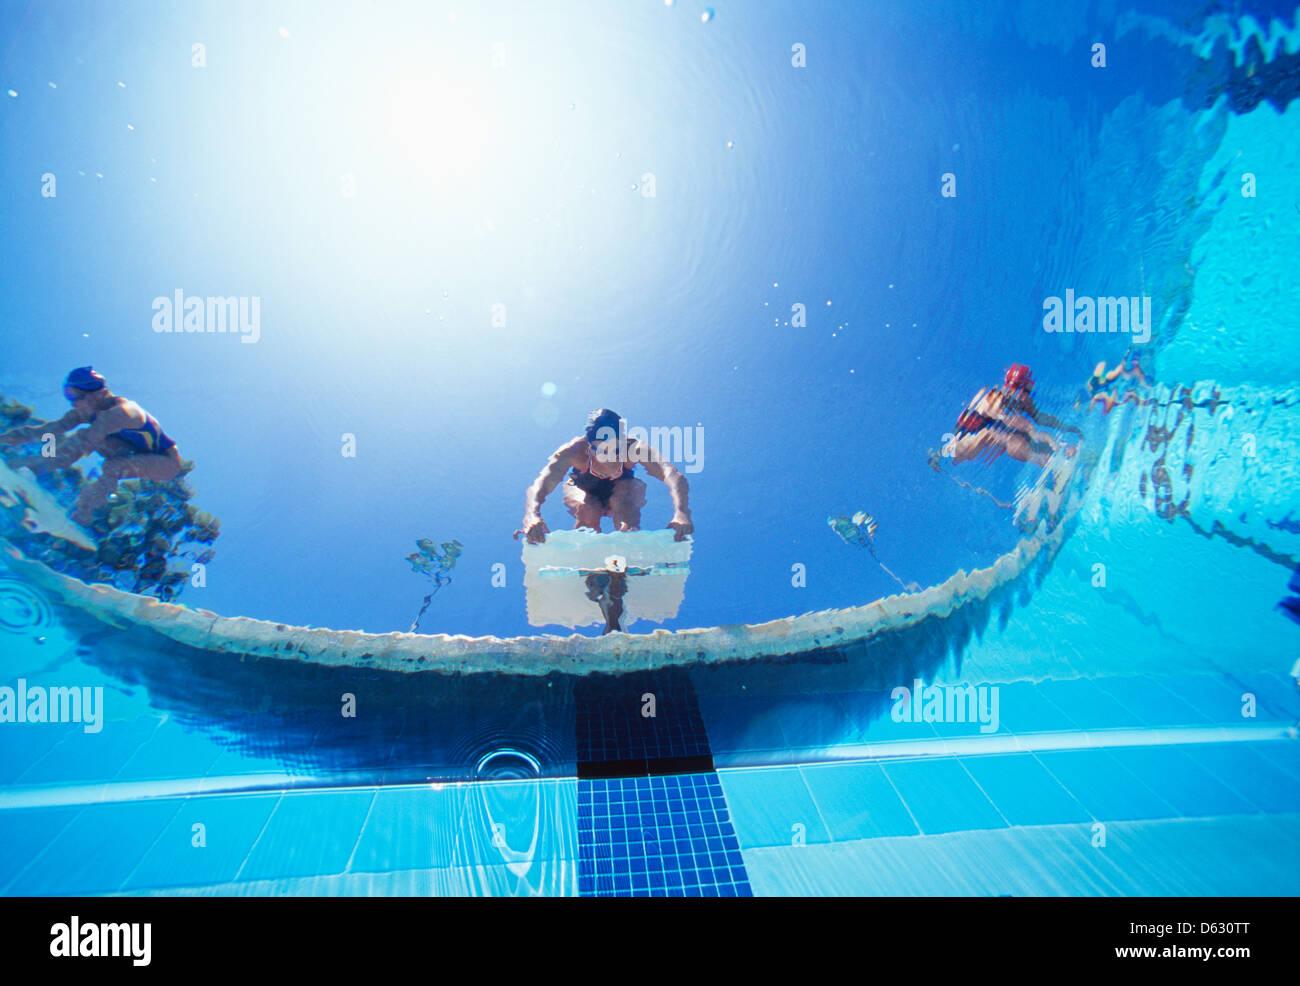 Bassa ngle vista di nuotatori femmina pronto tuffo in piscina dalla posizione di partenza Immagini Stock